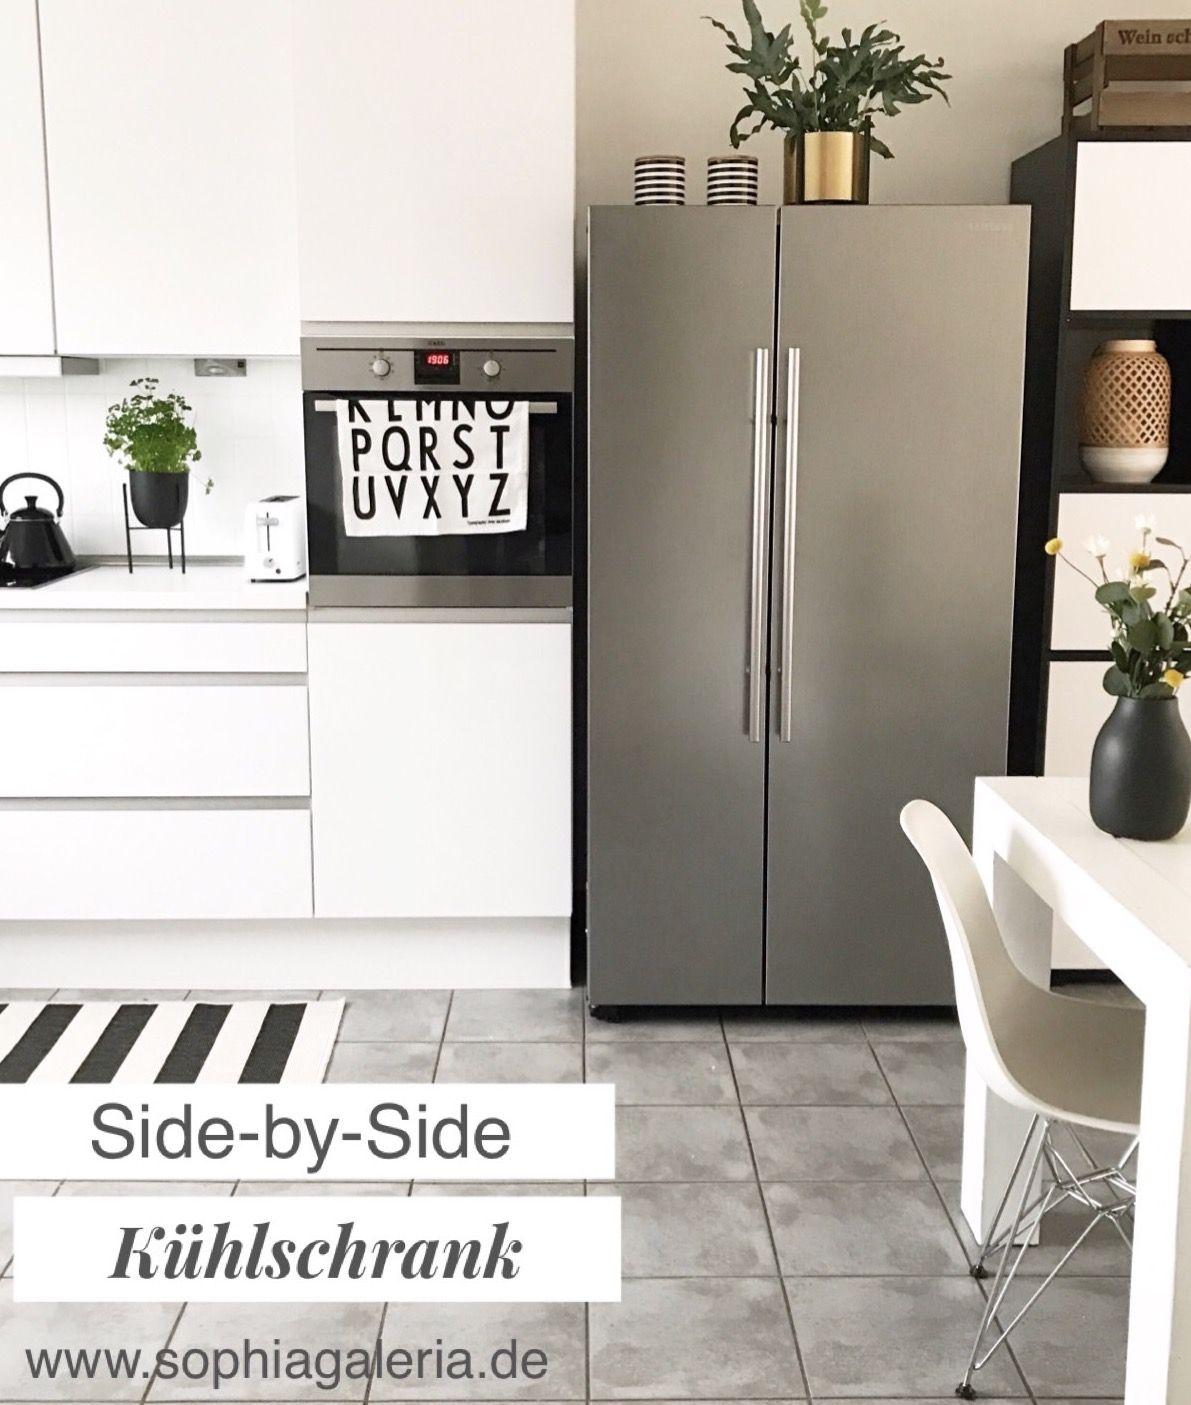 Think Big Unser Neuer Side By Side Kuhlschrank Sophiagaleria Side By Side Kuhlschrank Haus Deko Kuchen Inspiration